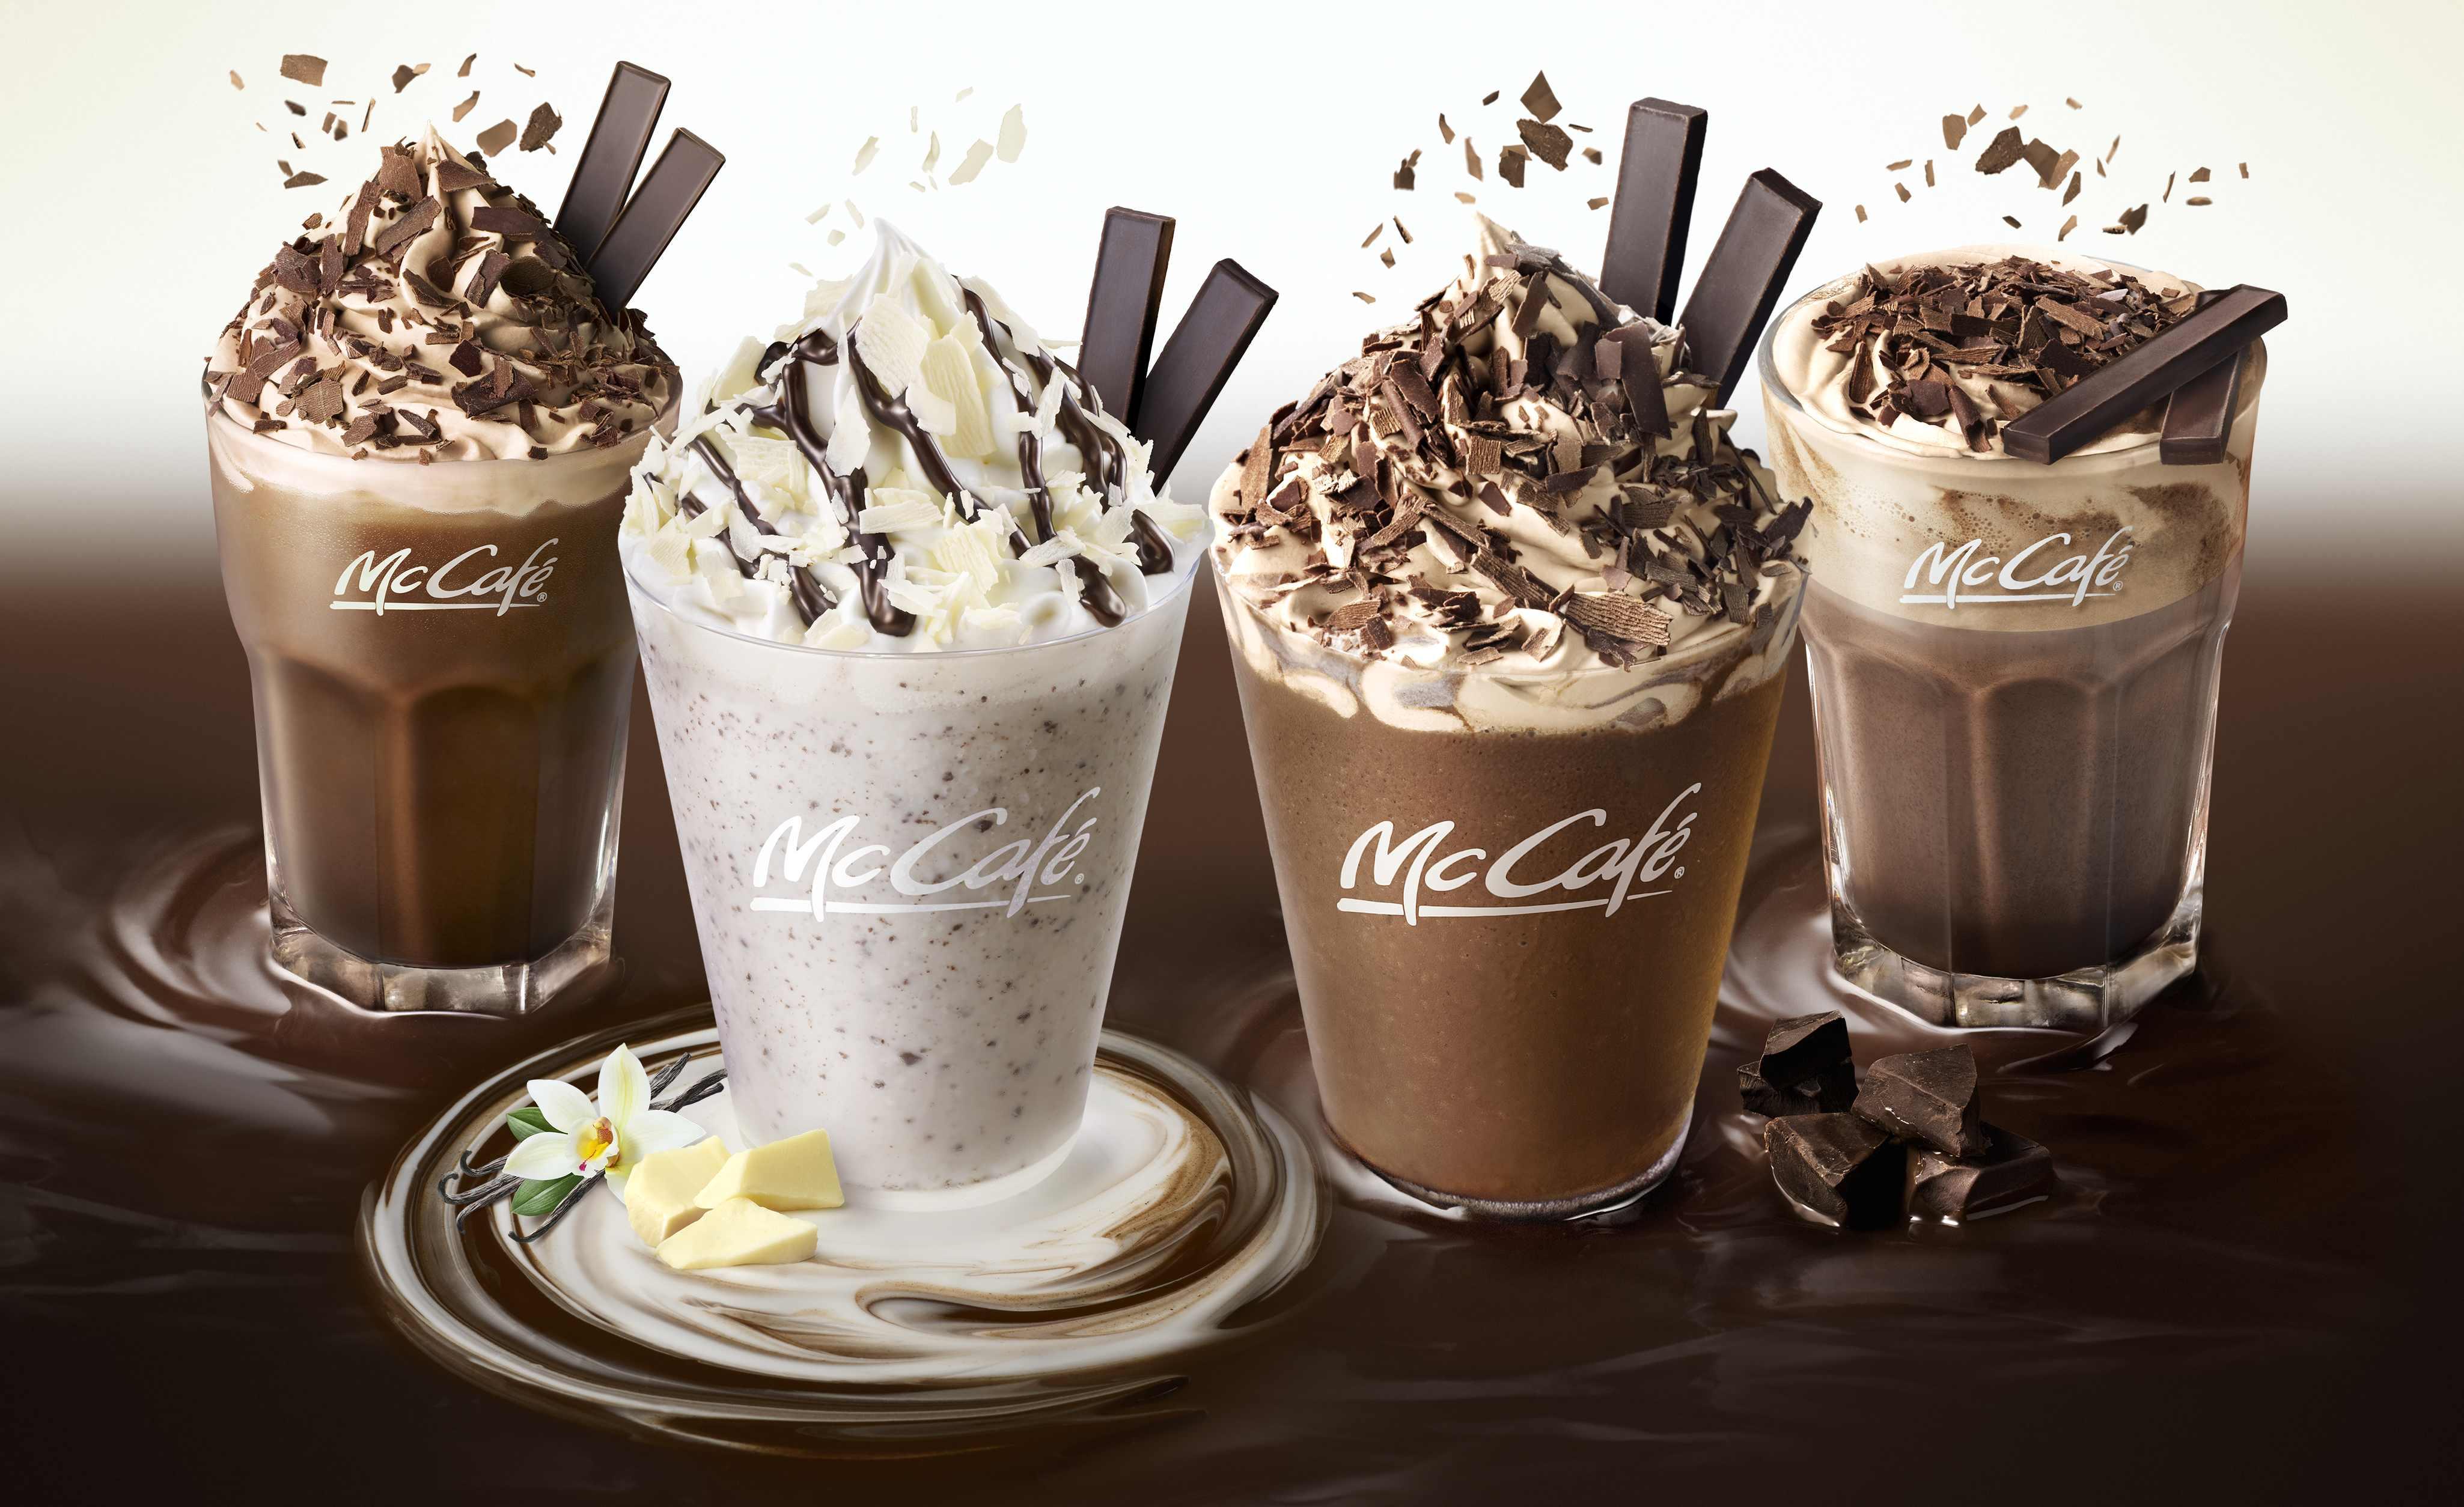 McDonalds Drinks プレミアムチョコレートシリーズ